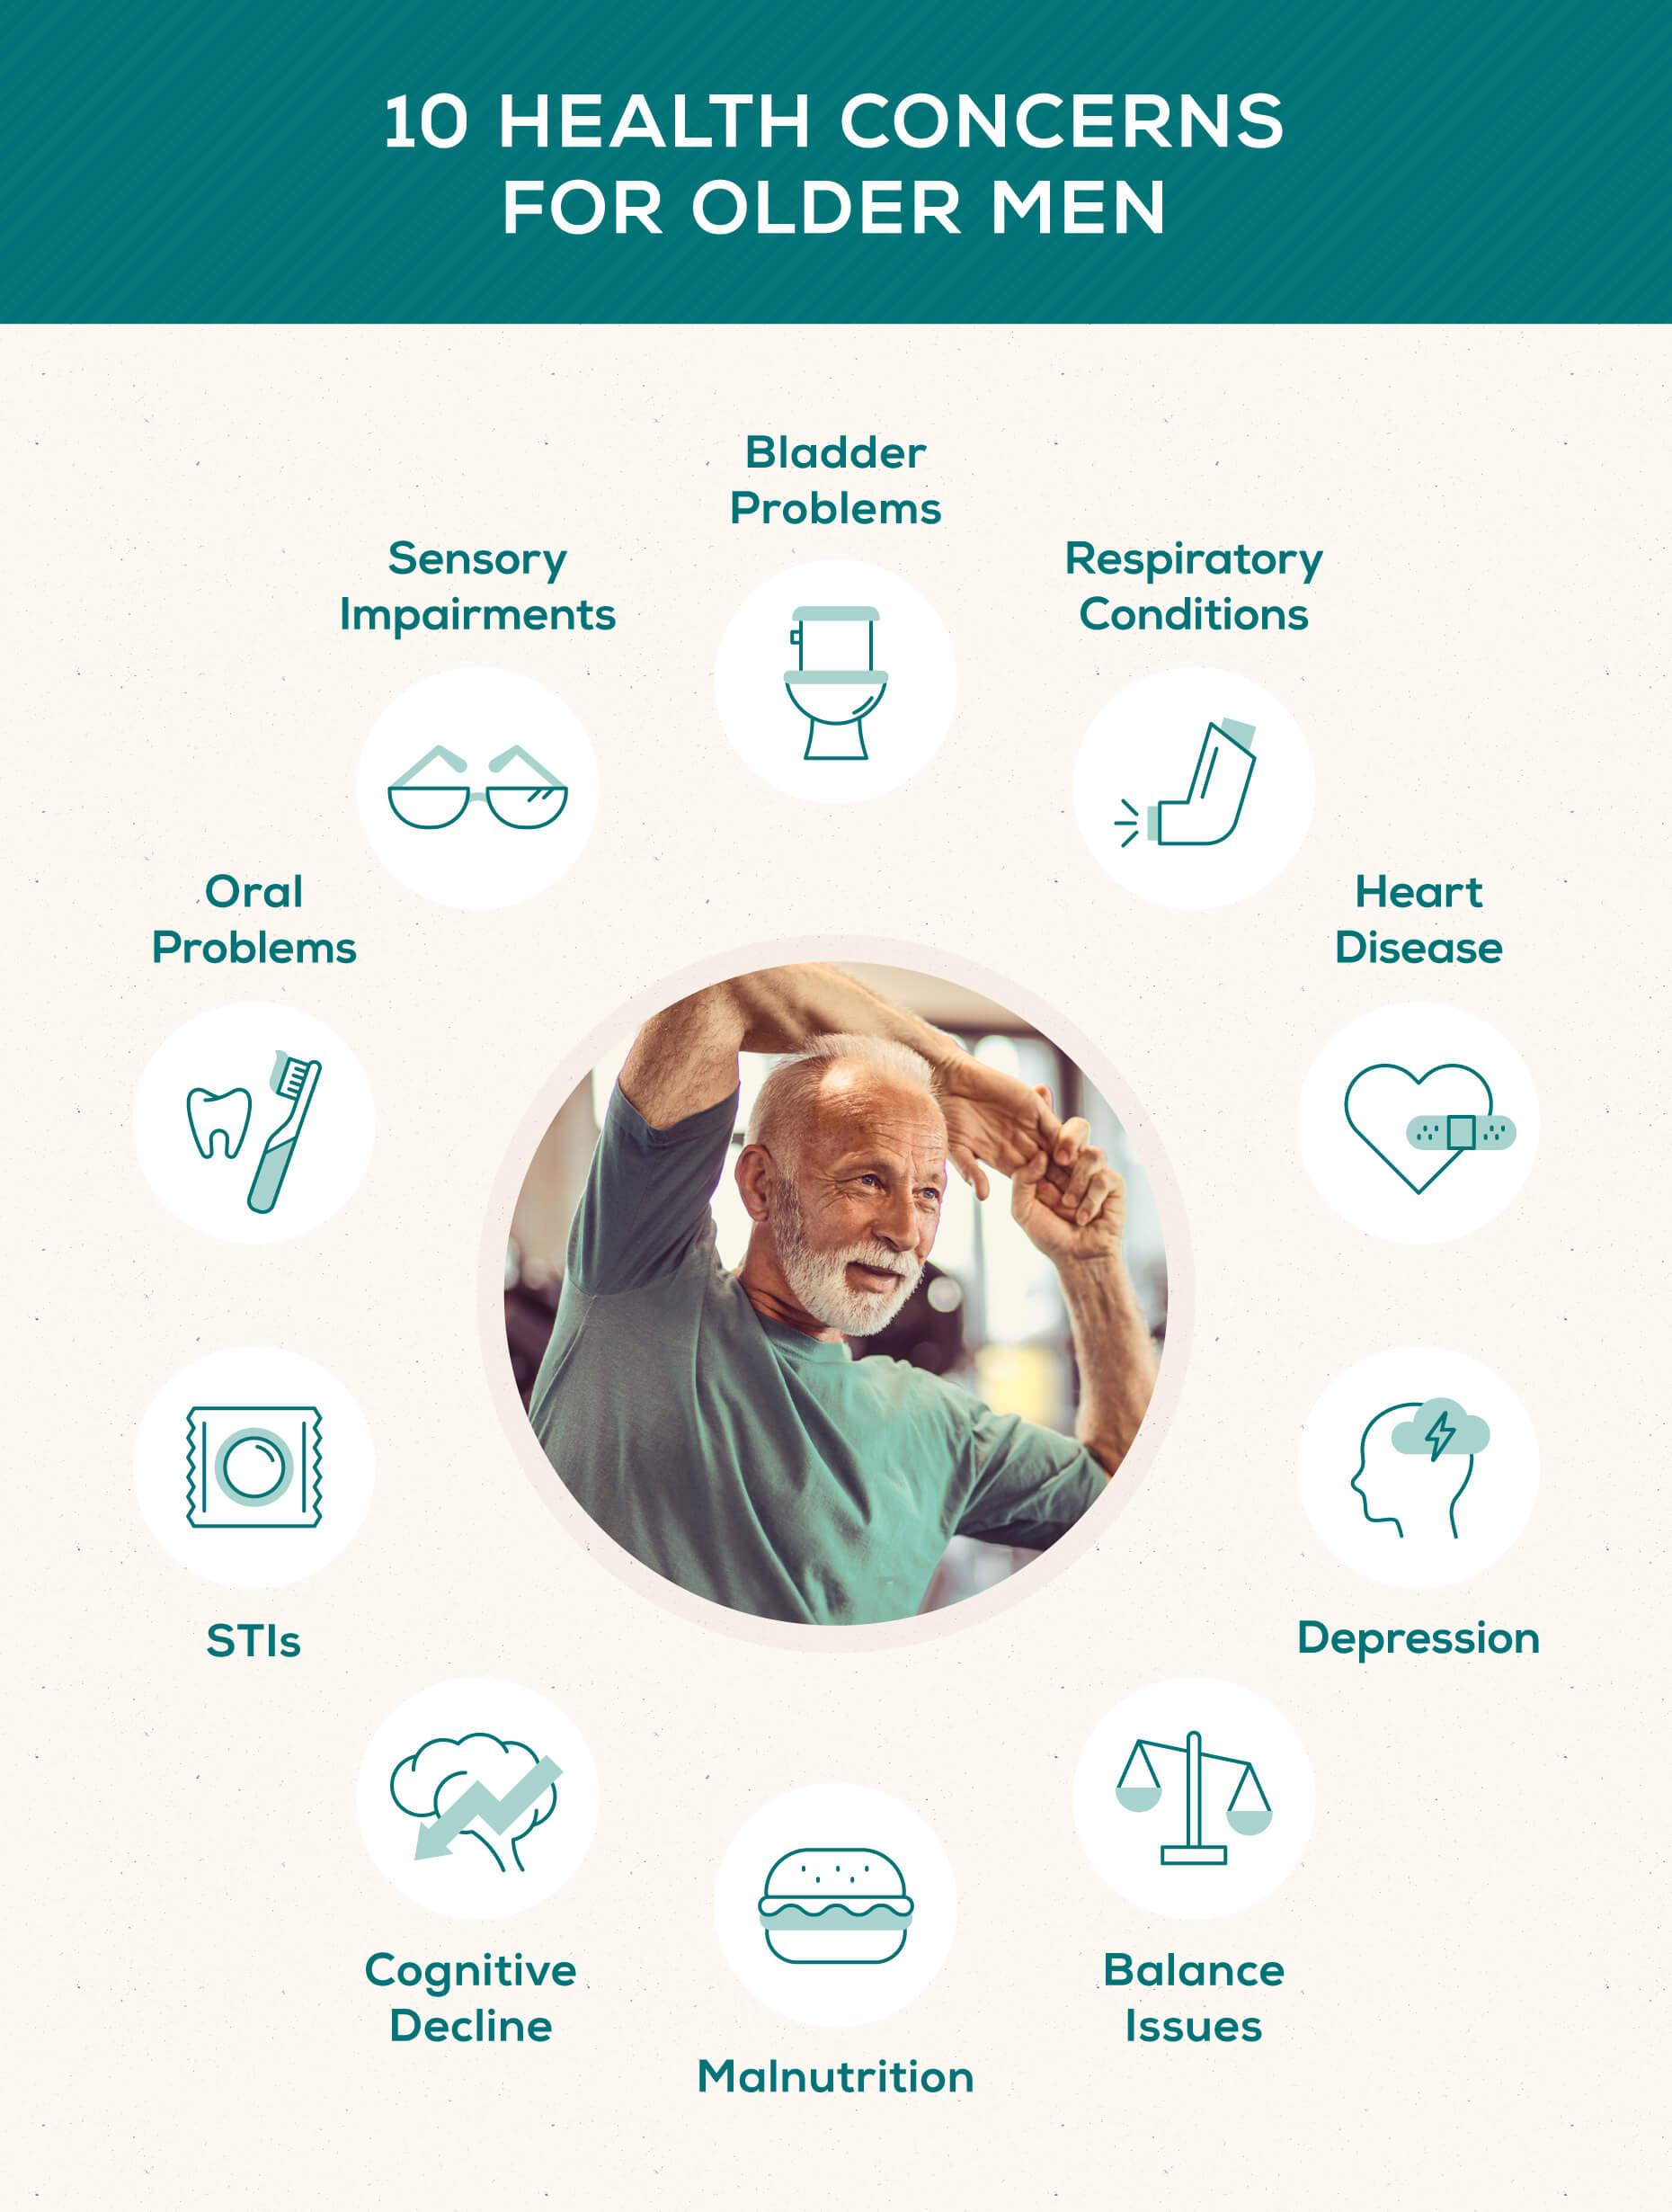 10-health-concerns-for-older-men (1)